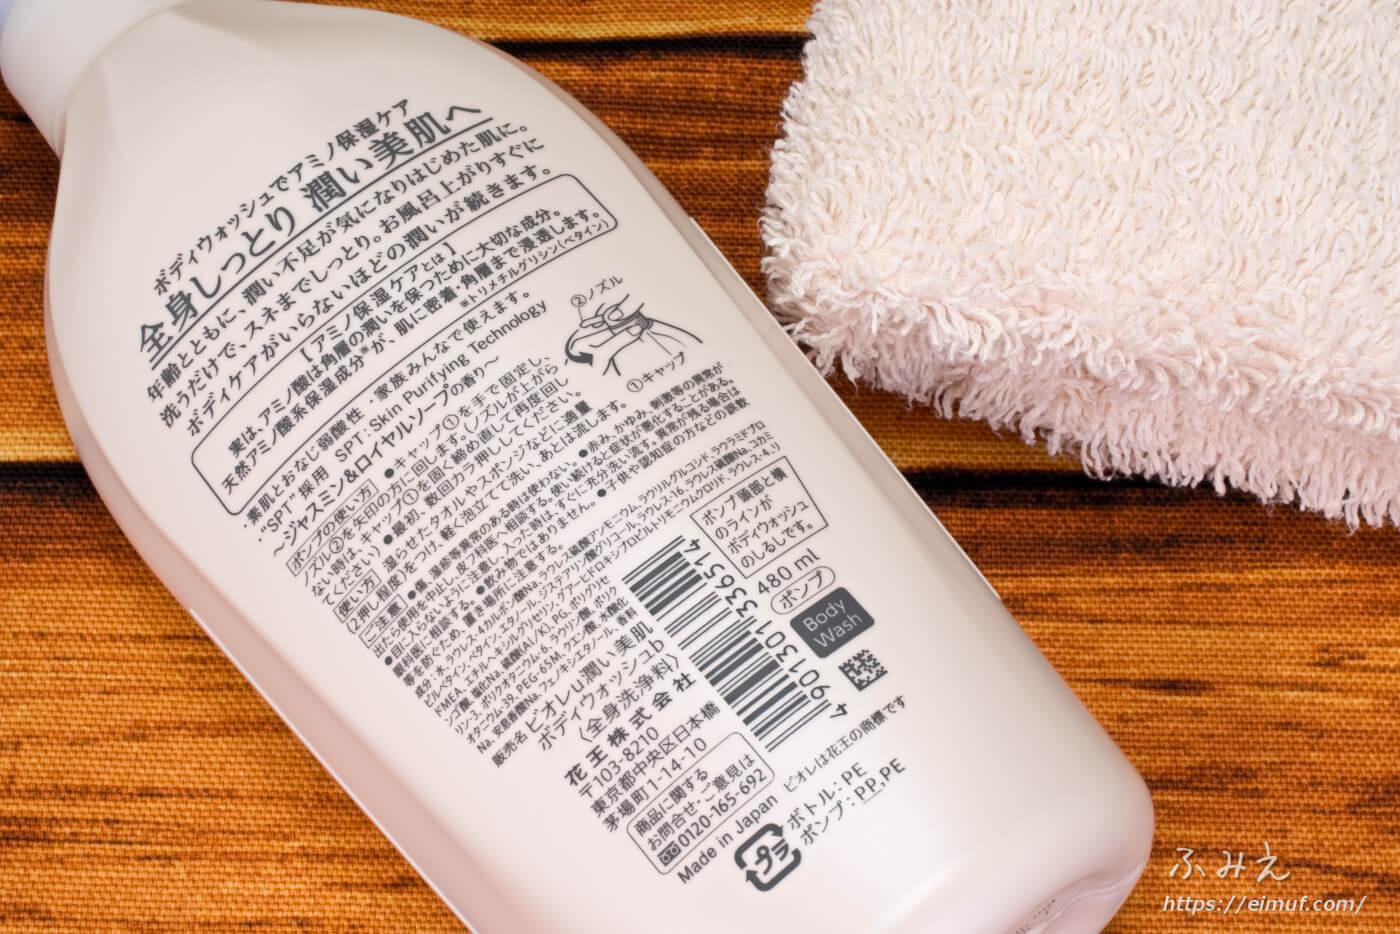 ビオレu 潤い美肌ボディウォッシュ(ジャスミン&ロイヤルソープの香り)本体裏面